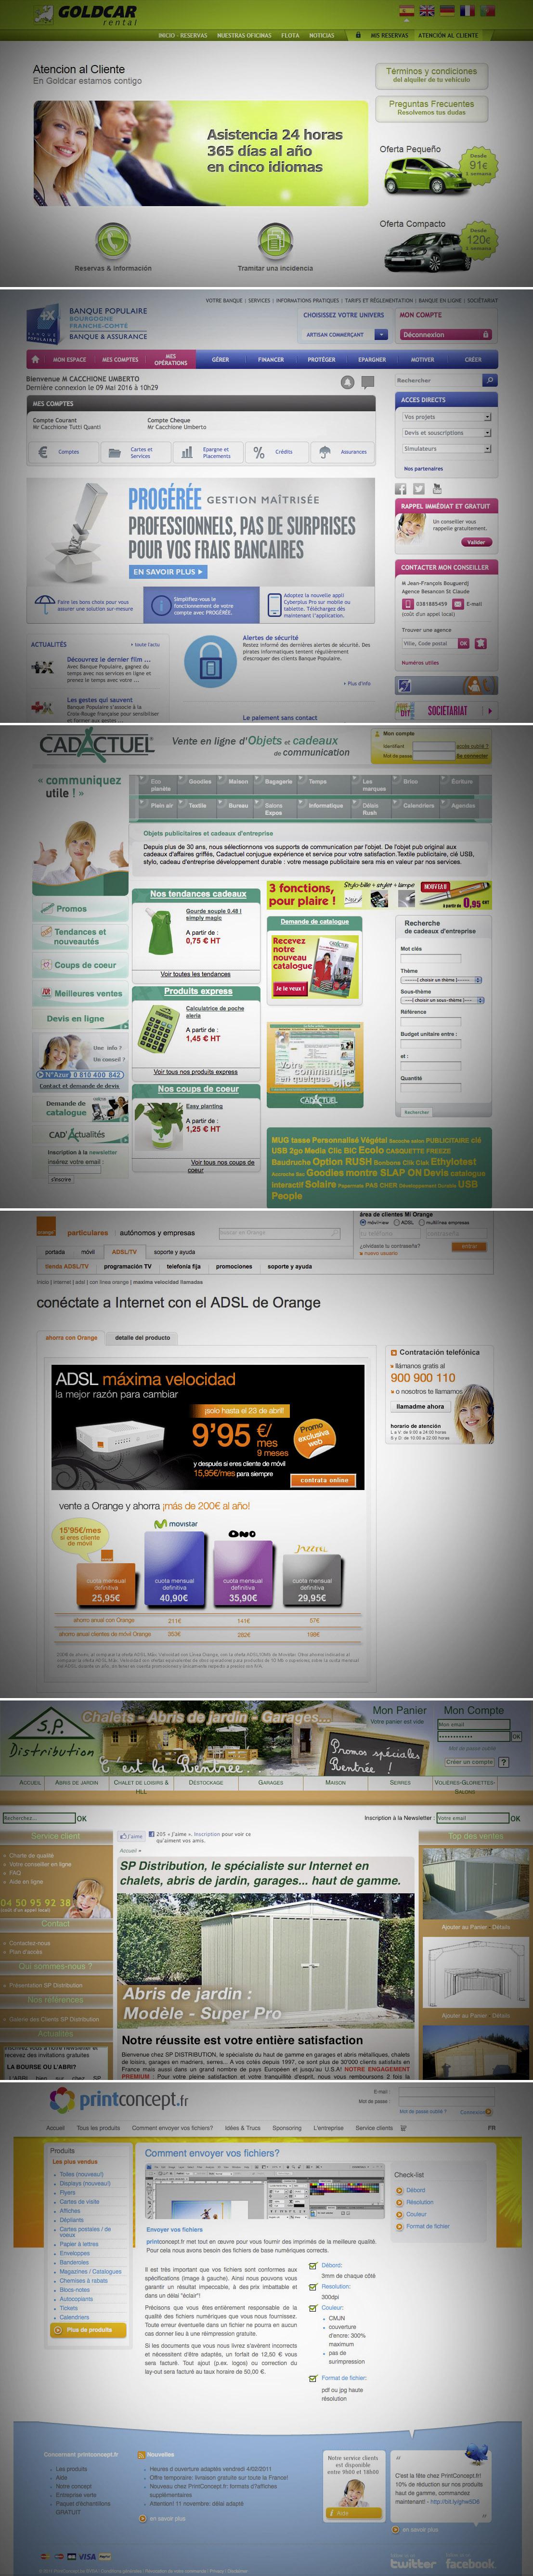 Produktdatenblatt_TELCAT_DSL.pdf